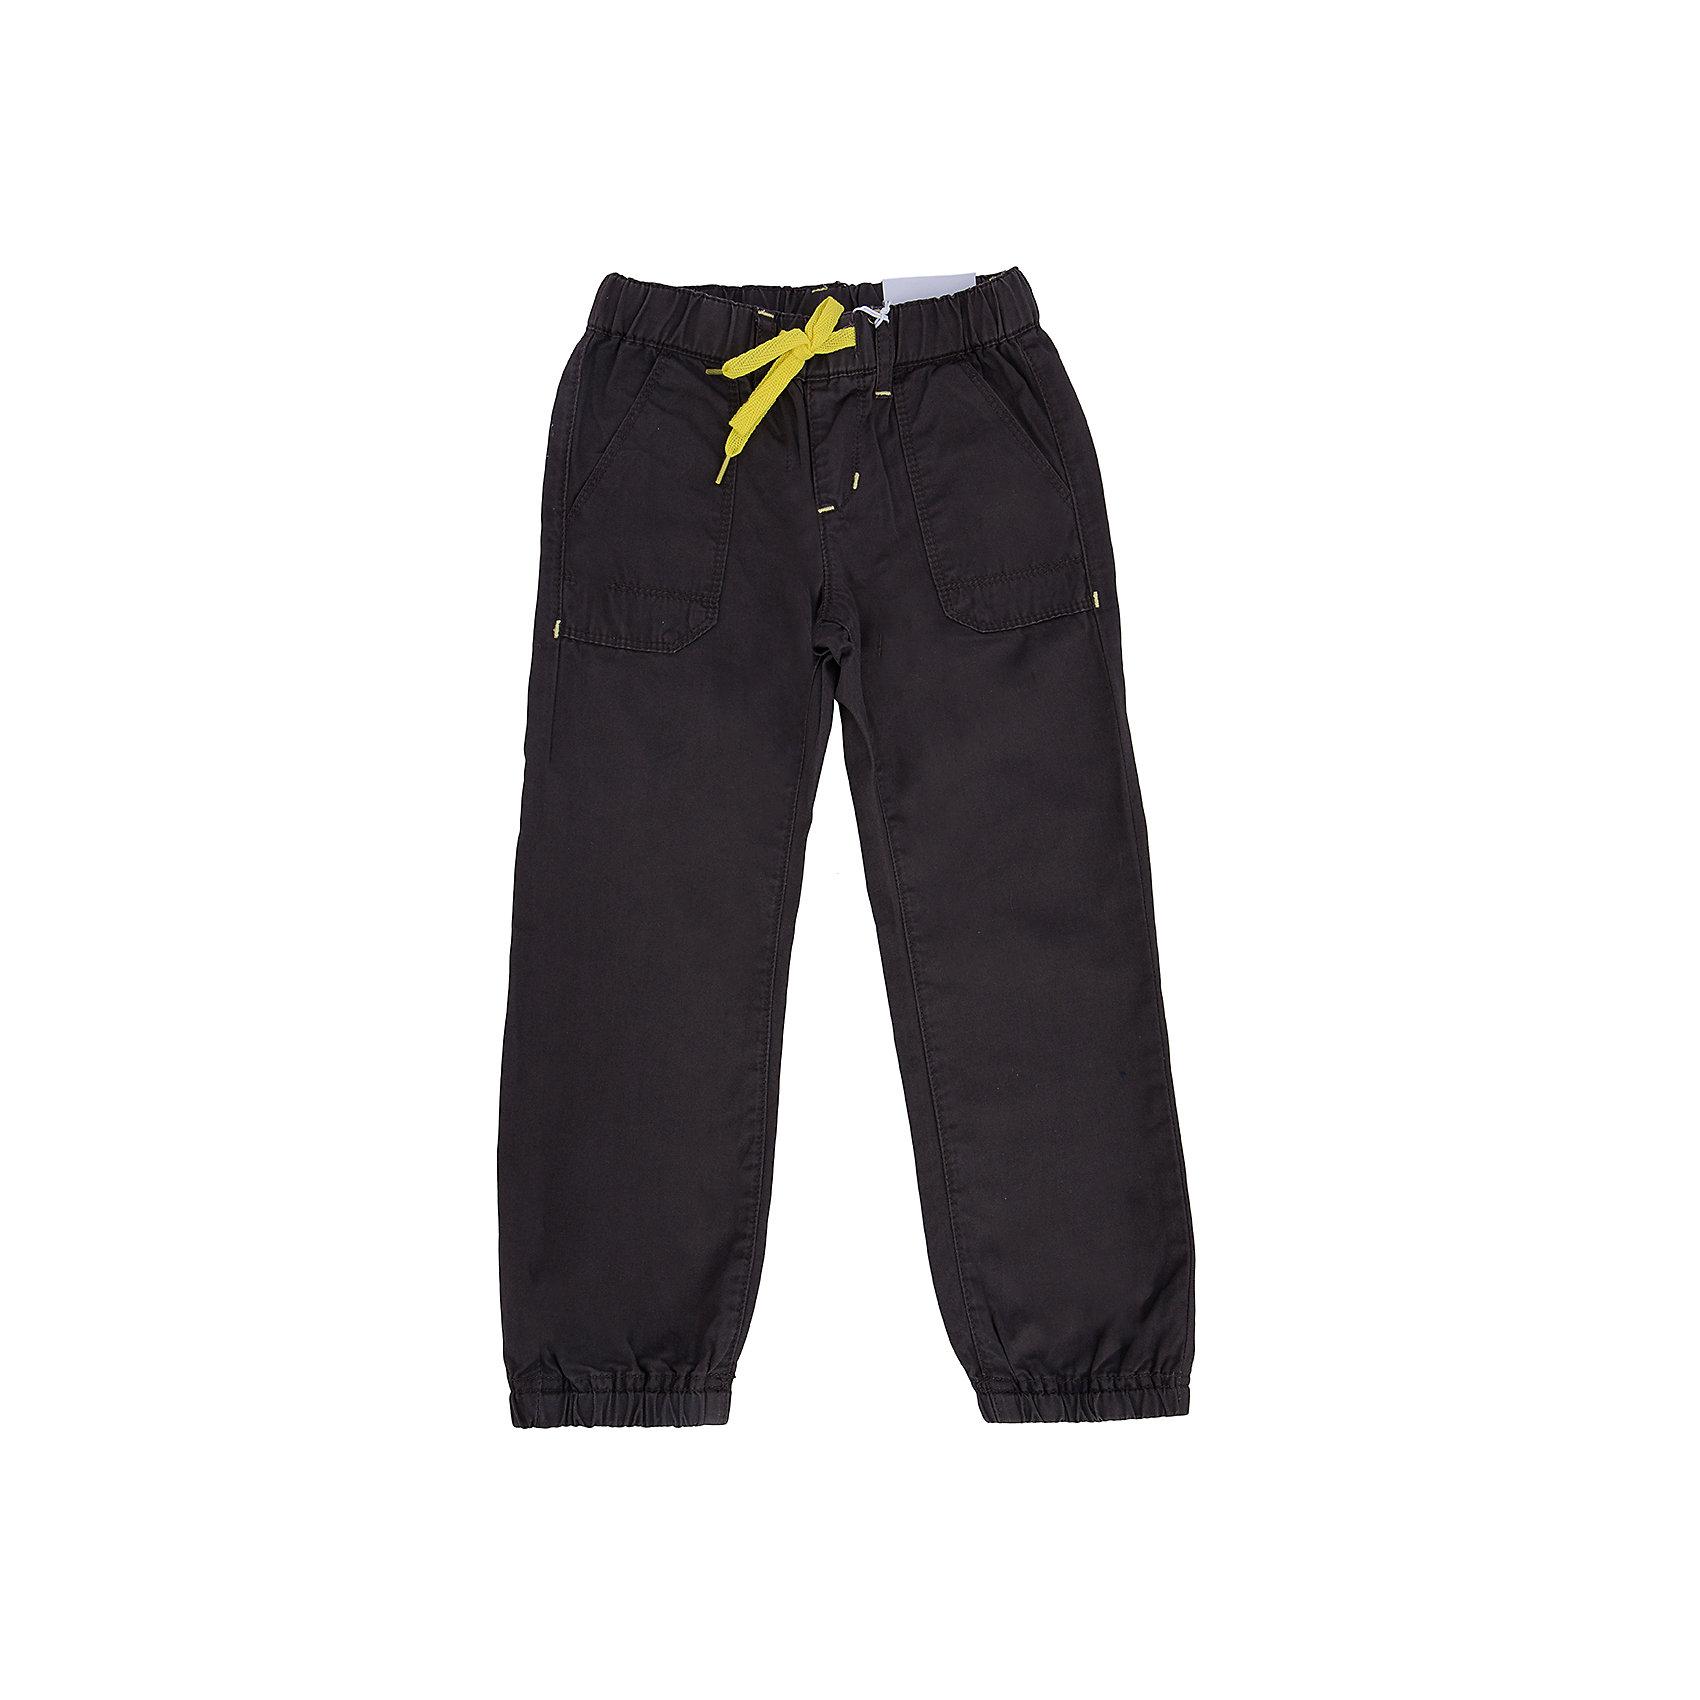 Брюки для мальчика PlayTodayБрюки для мальчика от известного бренда PlayToday.<br>Стильные твиловые брюки шоколадного цвета. Пояс на резинке, дополнительно регулируется яркой тесьмой. Есть шлевки для ремня и 4 функциональных кармана. Низ штанишек на резинке.<br>Состав:<br>100% хлопок<br><br>Ширина мм: 215<br>Глубина мм: 88<br>Высота мм: 191<br>Вес г: 336<br>Цвет: коричневый<br>Возраст от месяцев: 36<br>Возраст до месяцев: 48<br>Пол: Мужской<br>Возраст: Детский<br>Размер: 104,122,128,110,116,98<br>SKU: 4896614